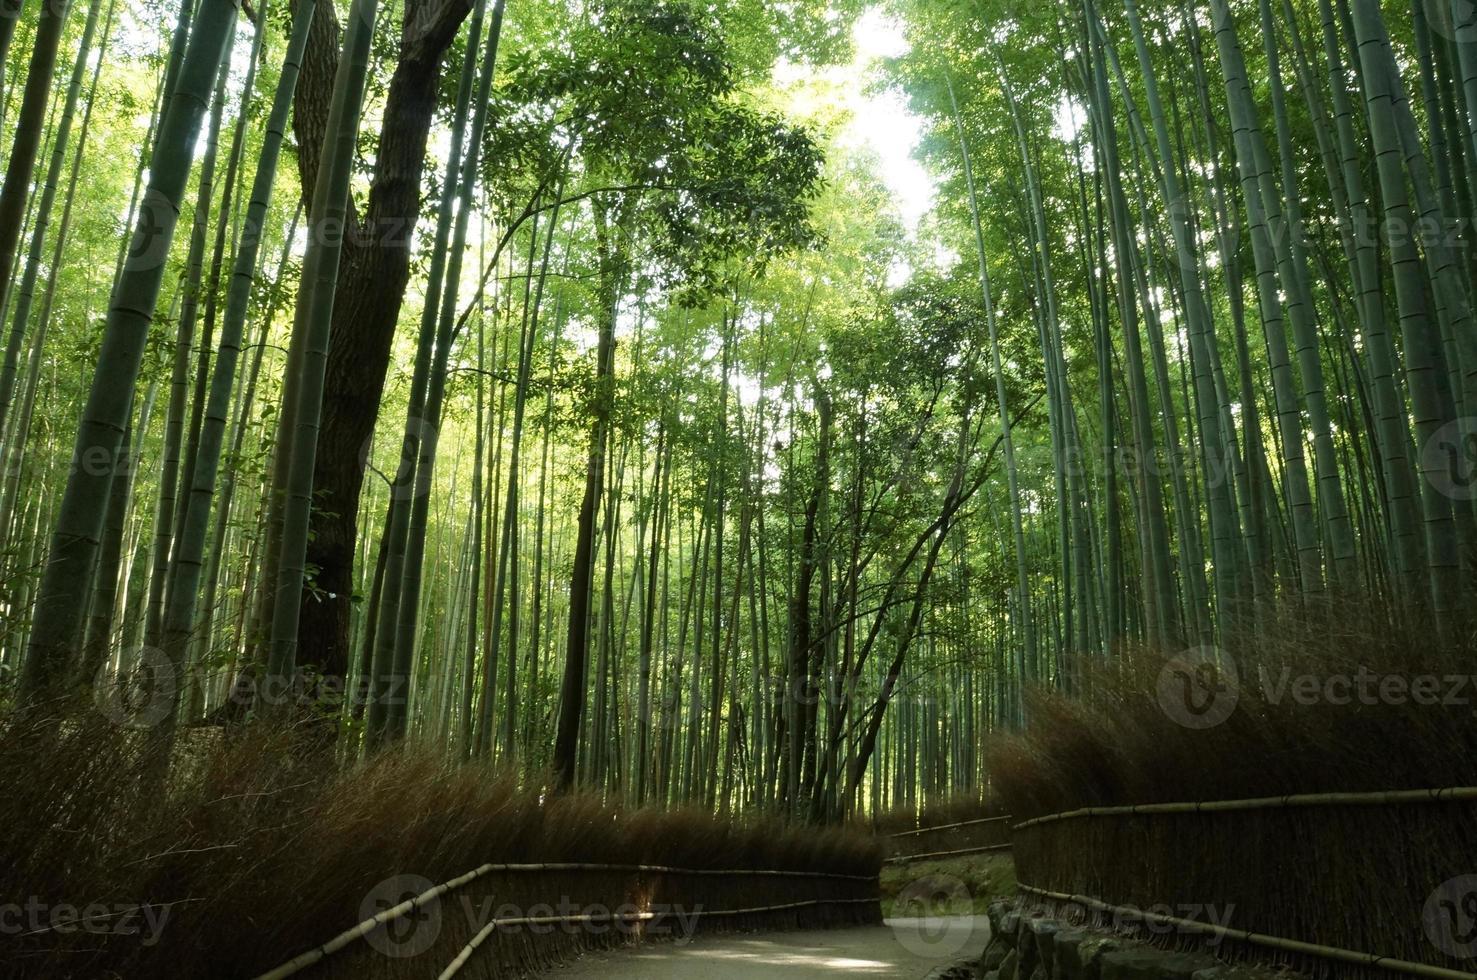 forêt de bambou photo